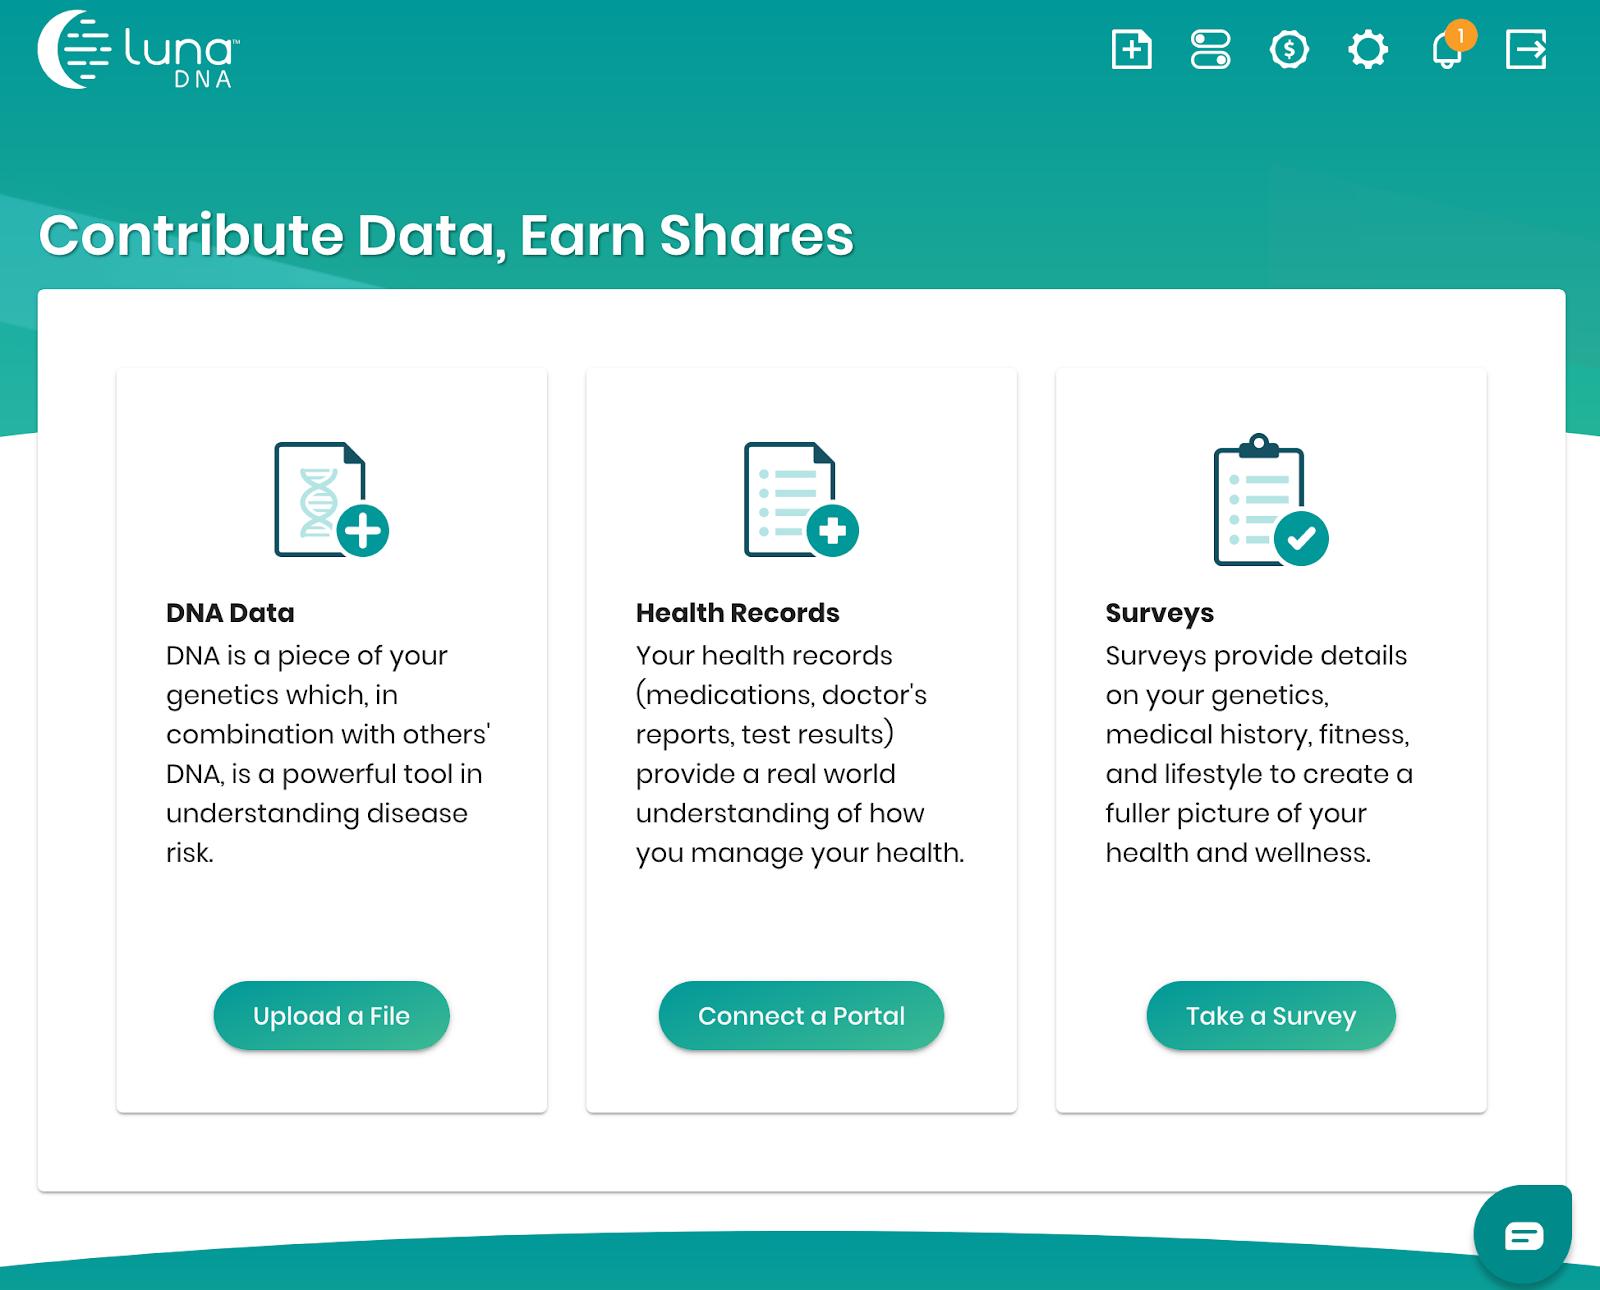 خيارات مشاركة البيانات لكسب المشاركات.